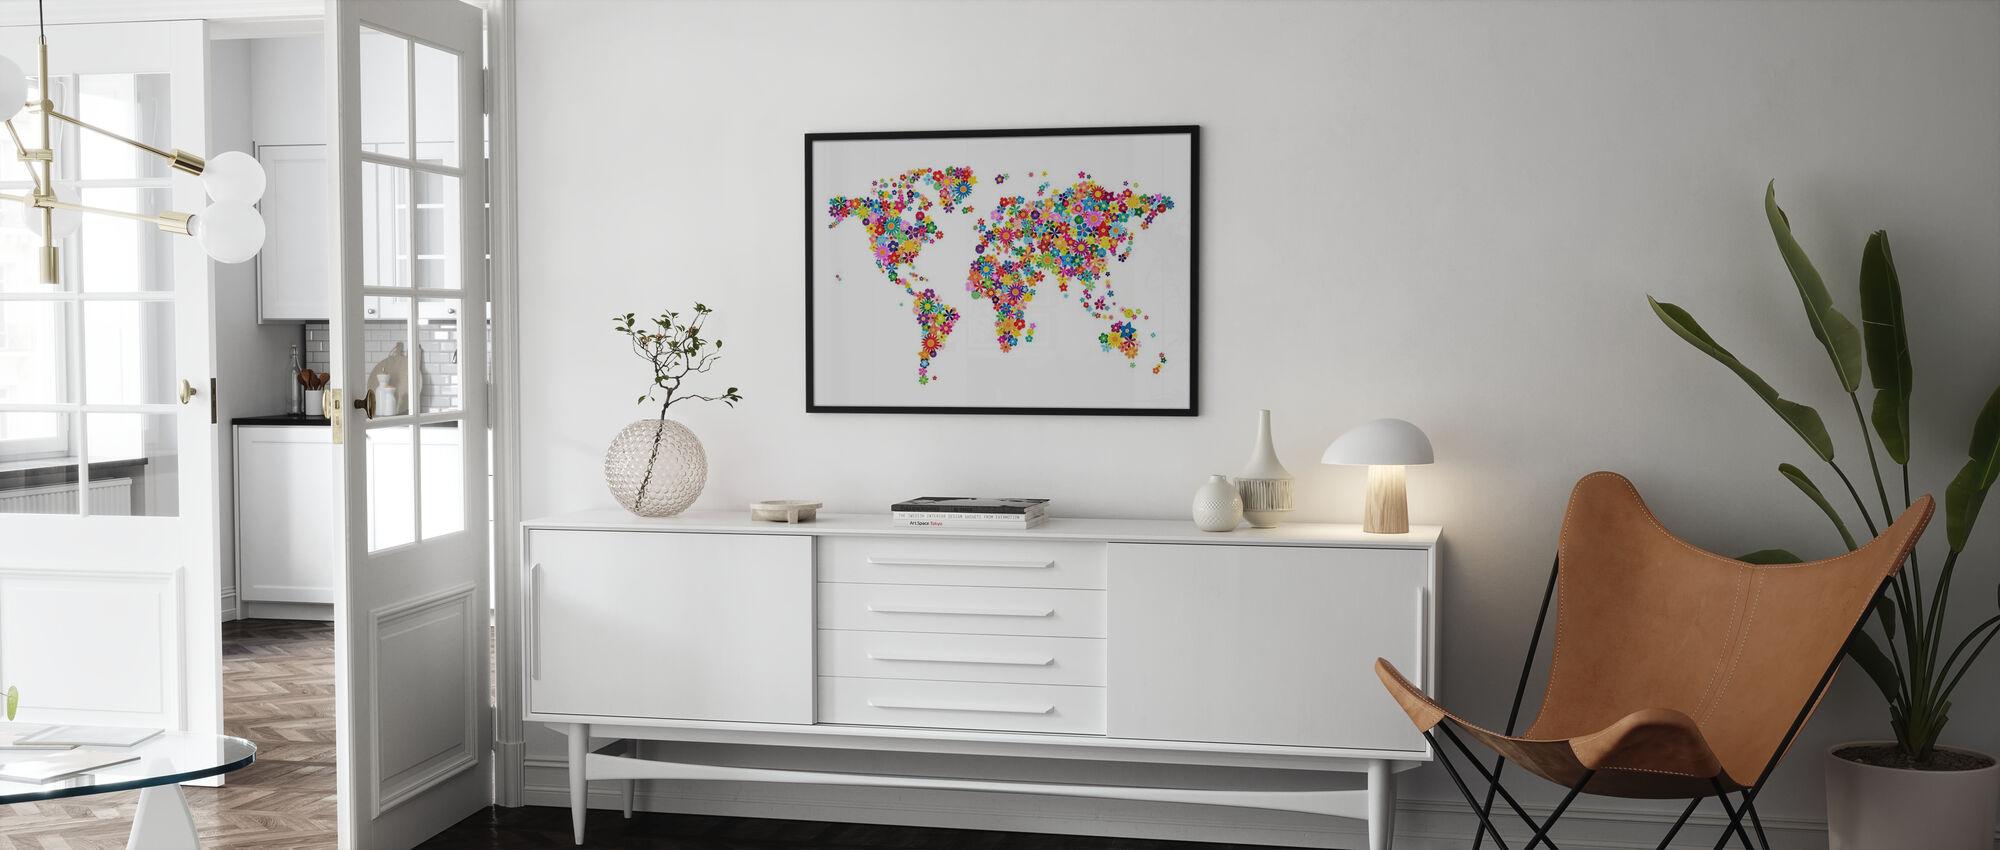 Flowers World Map - Framed print - Living Room